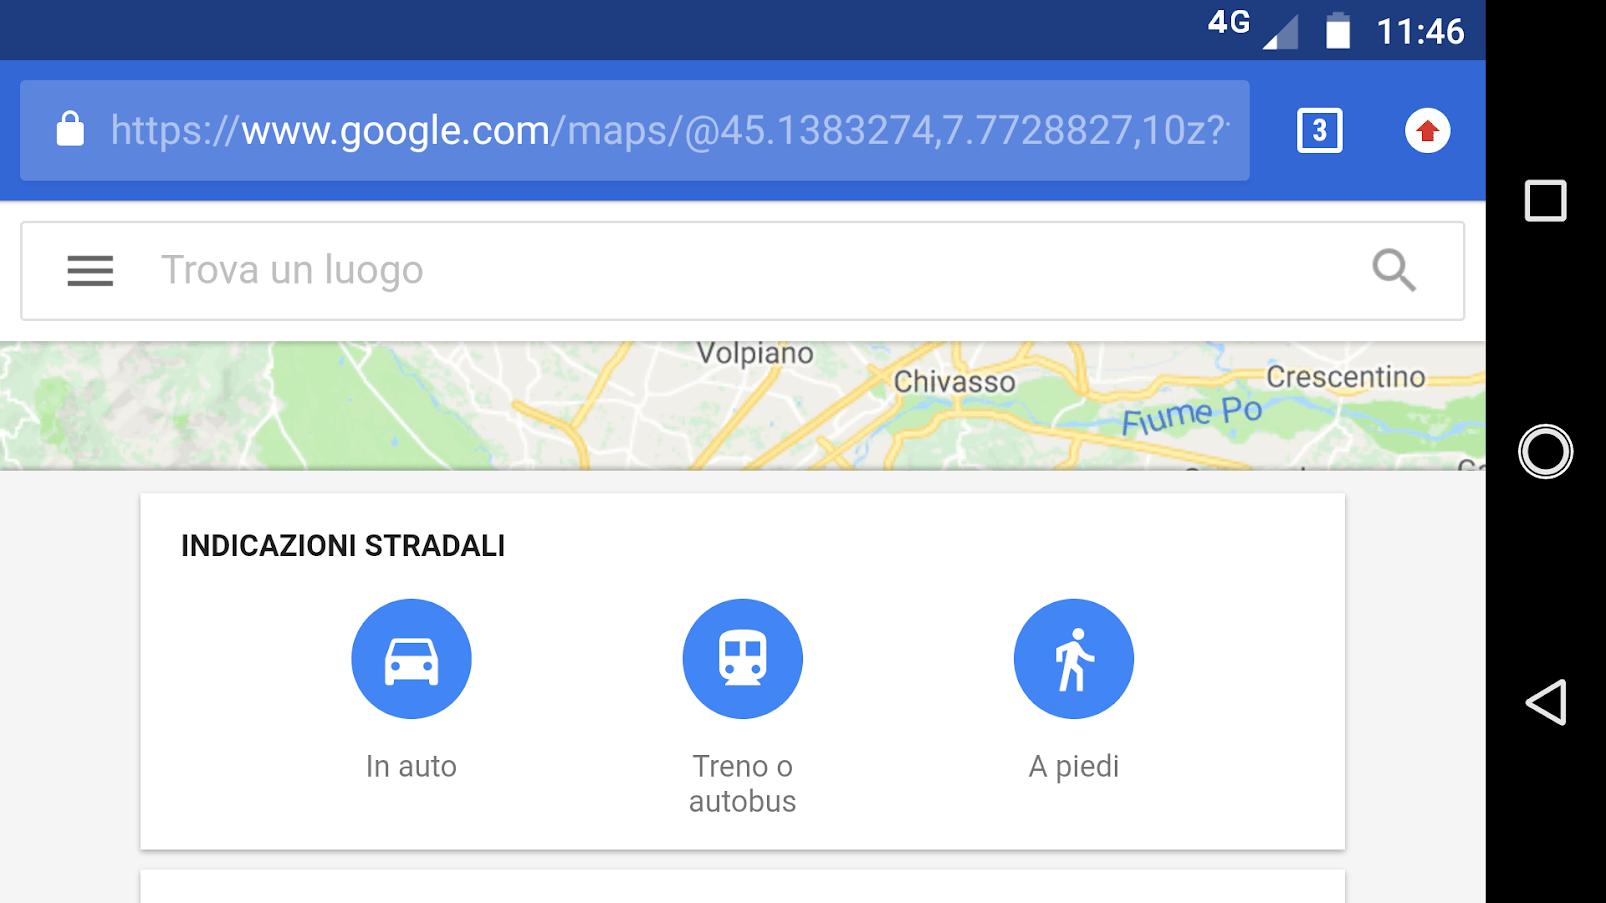 Google Maps Go: come scaricare e utilizzare le mappe light